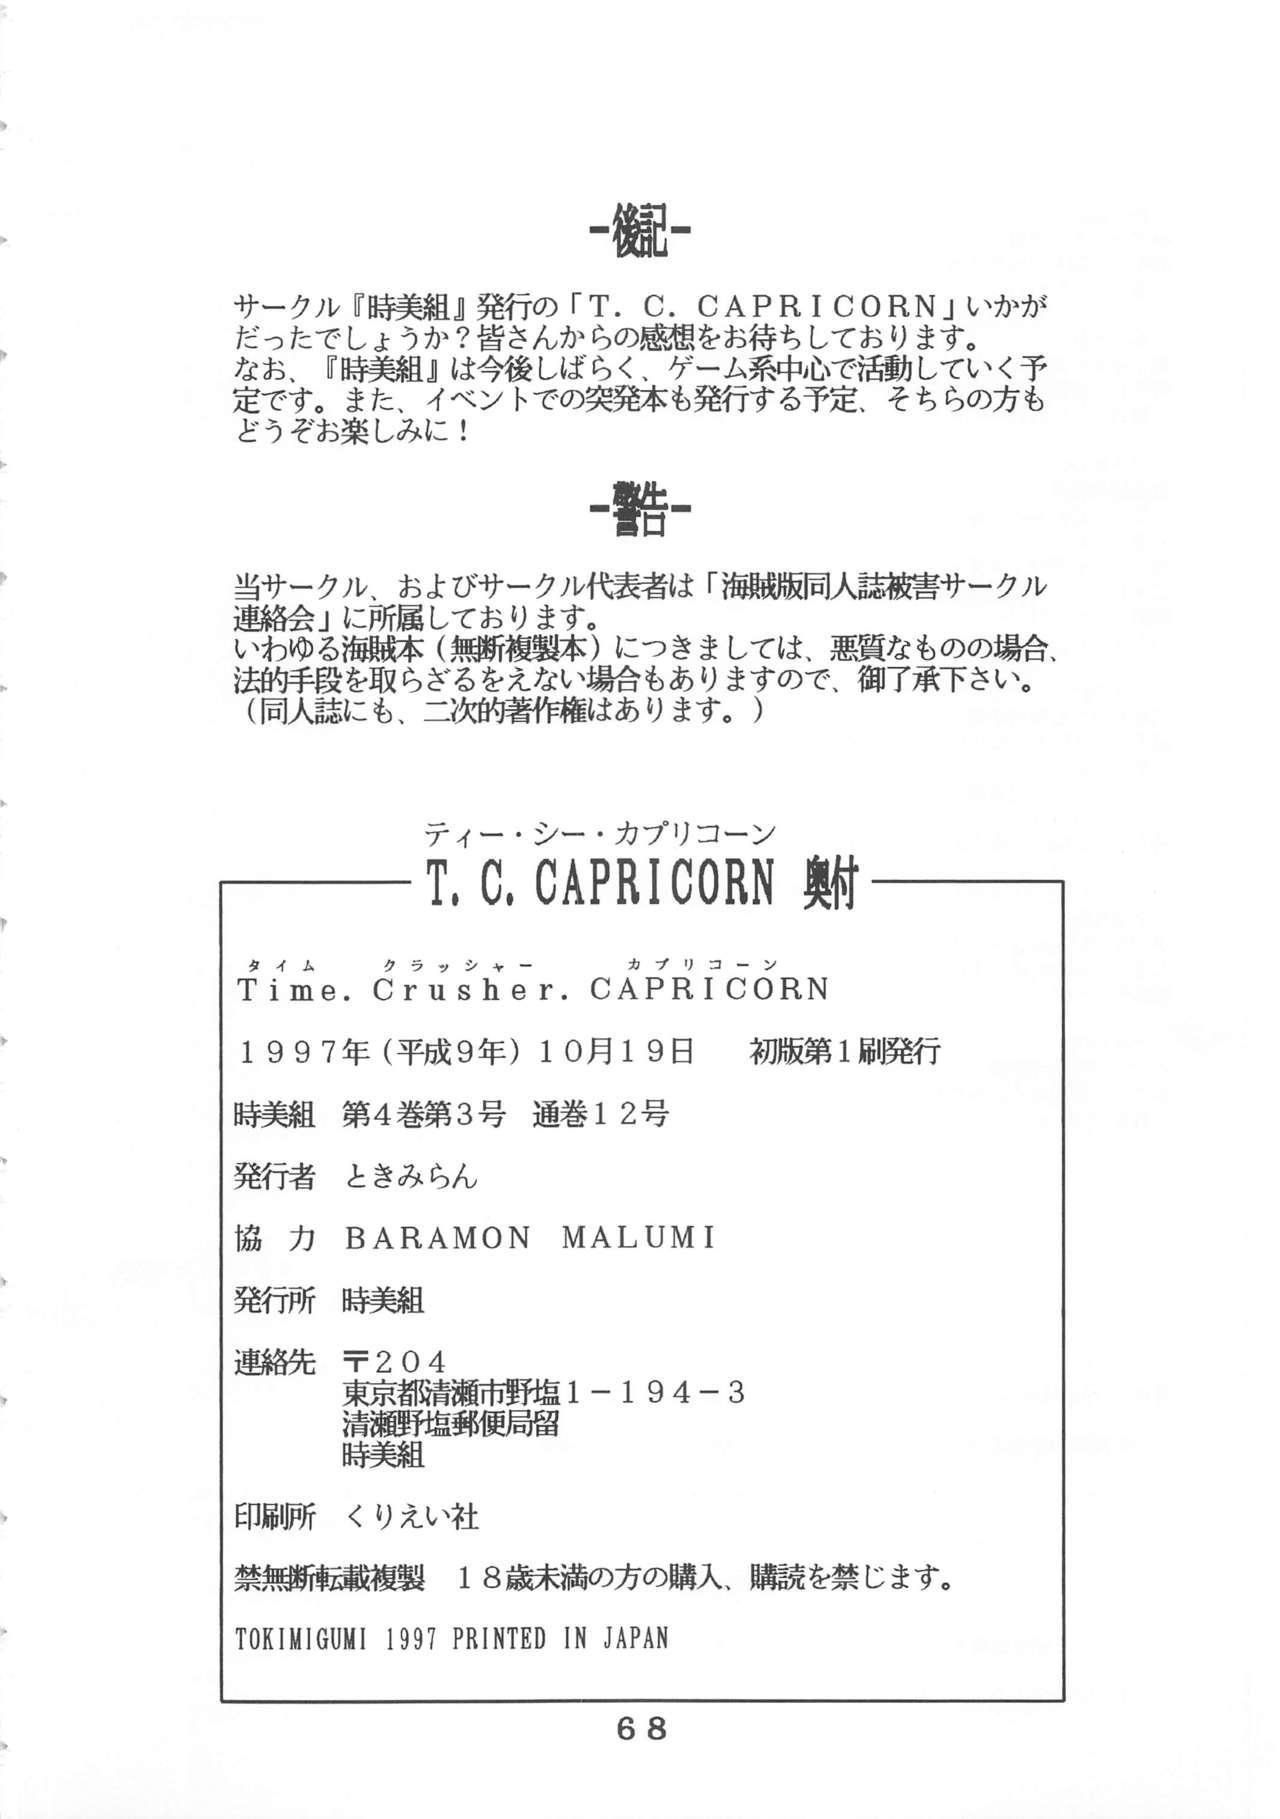 T.C.CAPRICORN 65